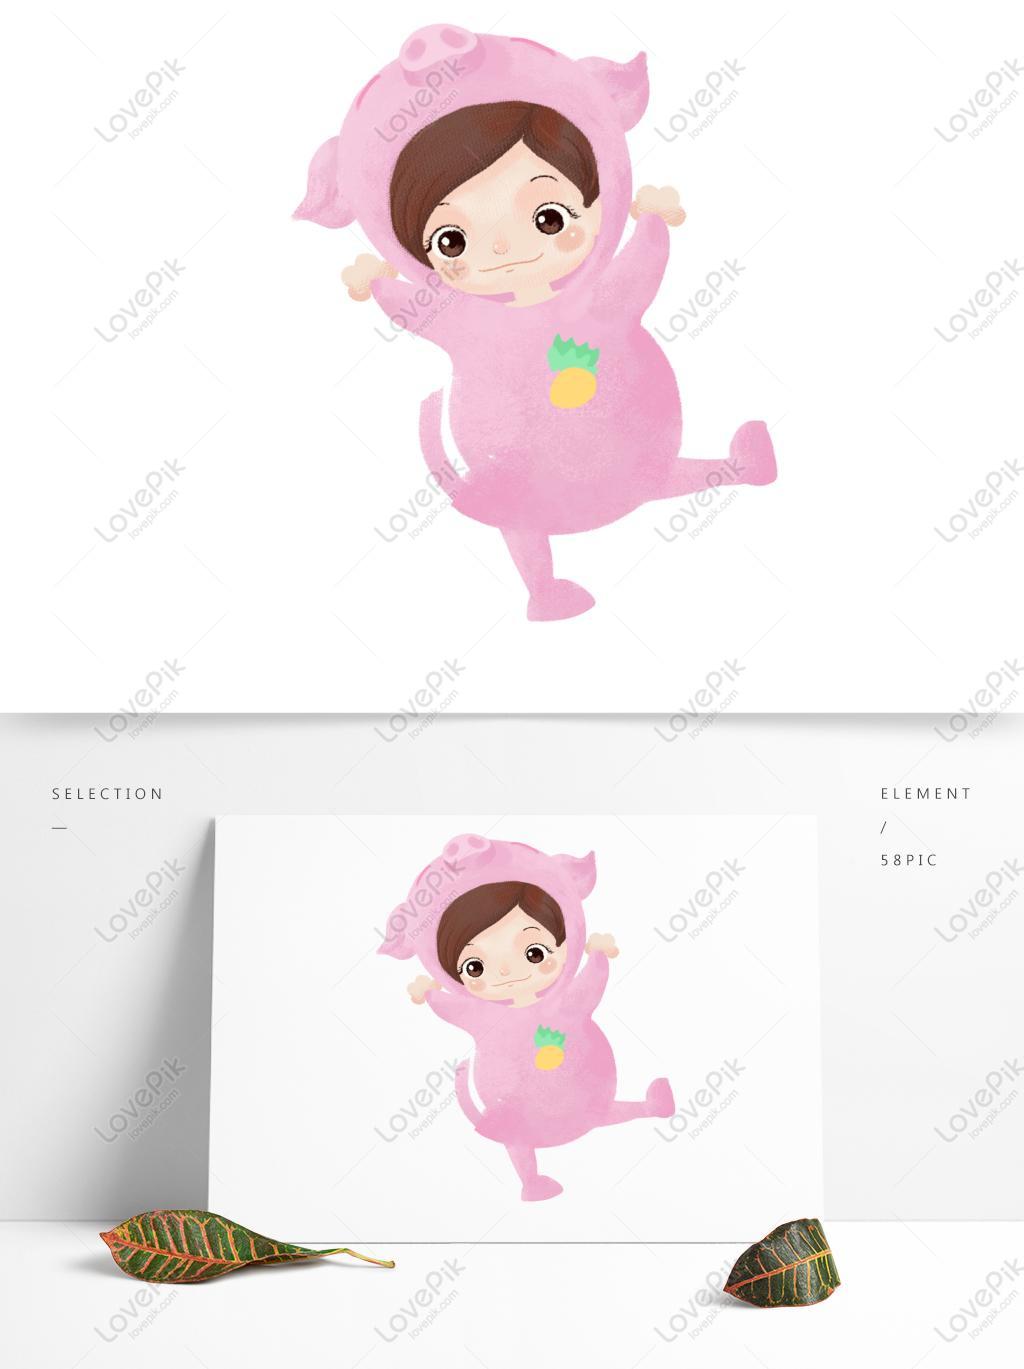 pig merah jambu el kartun el babi elemen vektor gambar